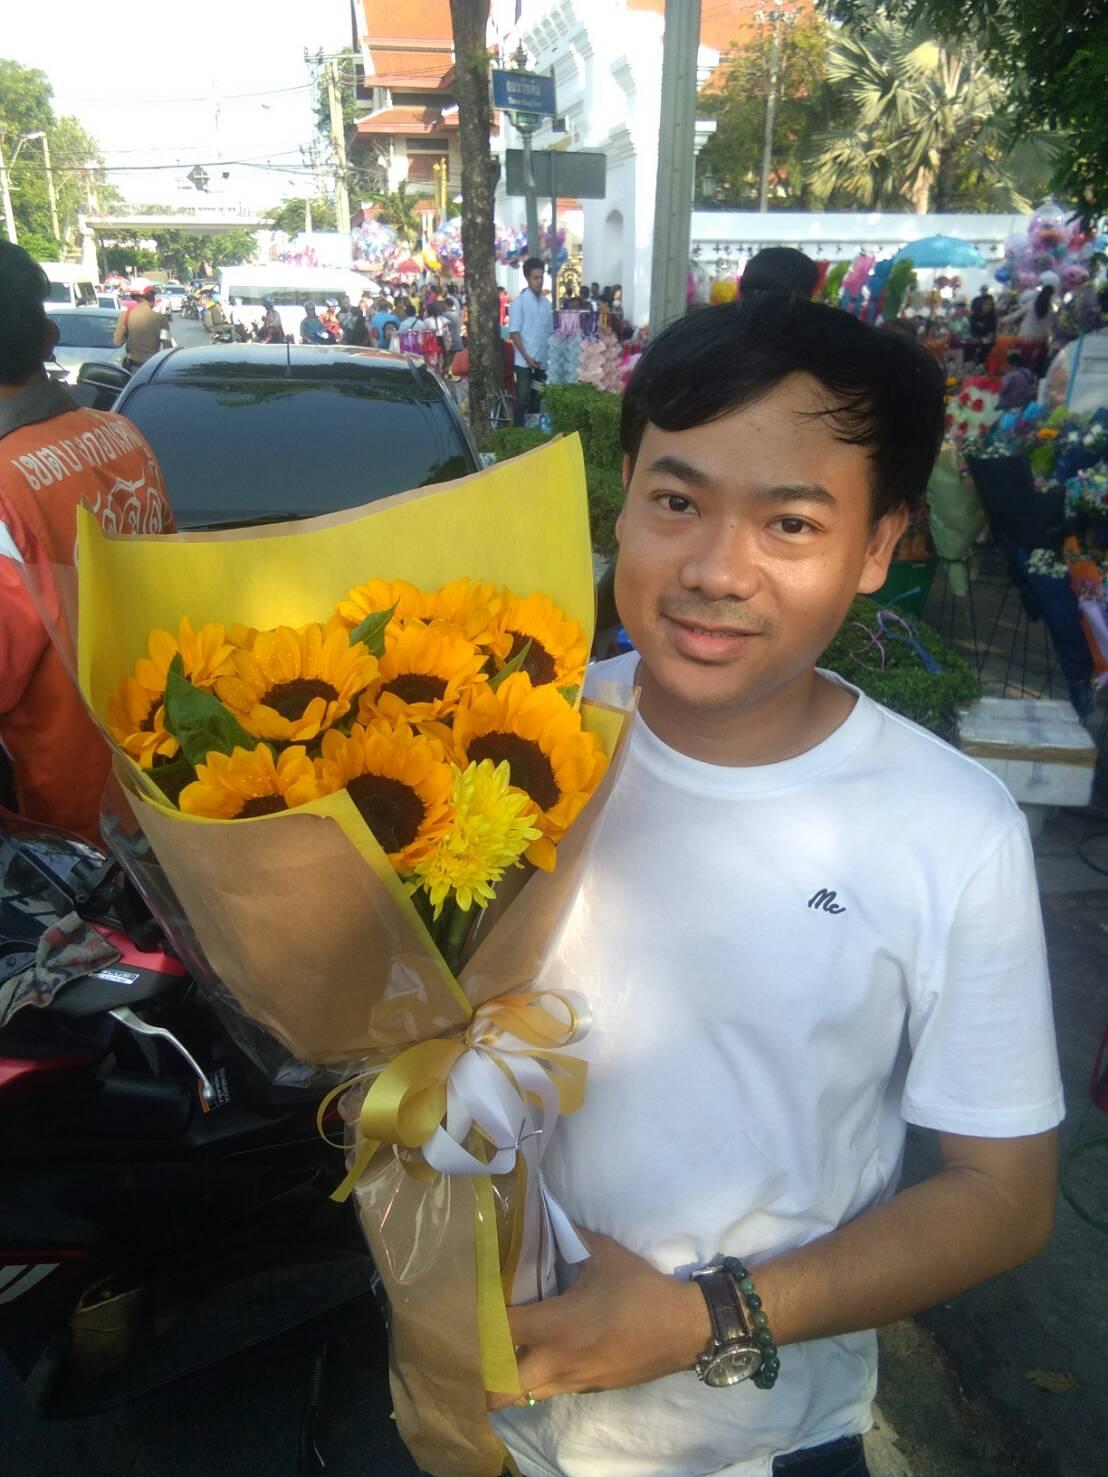 ช่อดอกทานตะวันที่มากับลุคสดใส พร้อมสร้างรอยยิ้มให้กับทุก ๆ คน